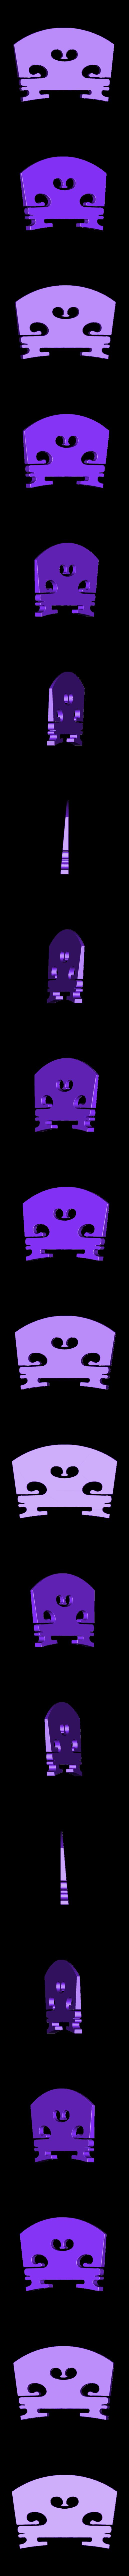 9-bridge.stl Download free STL file Violin • 3D print design, jteix